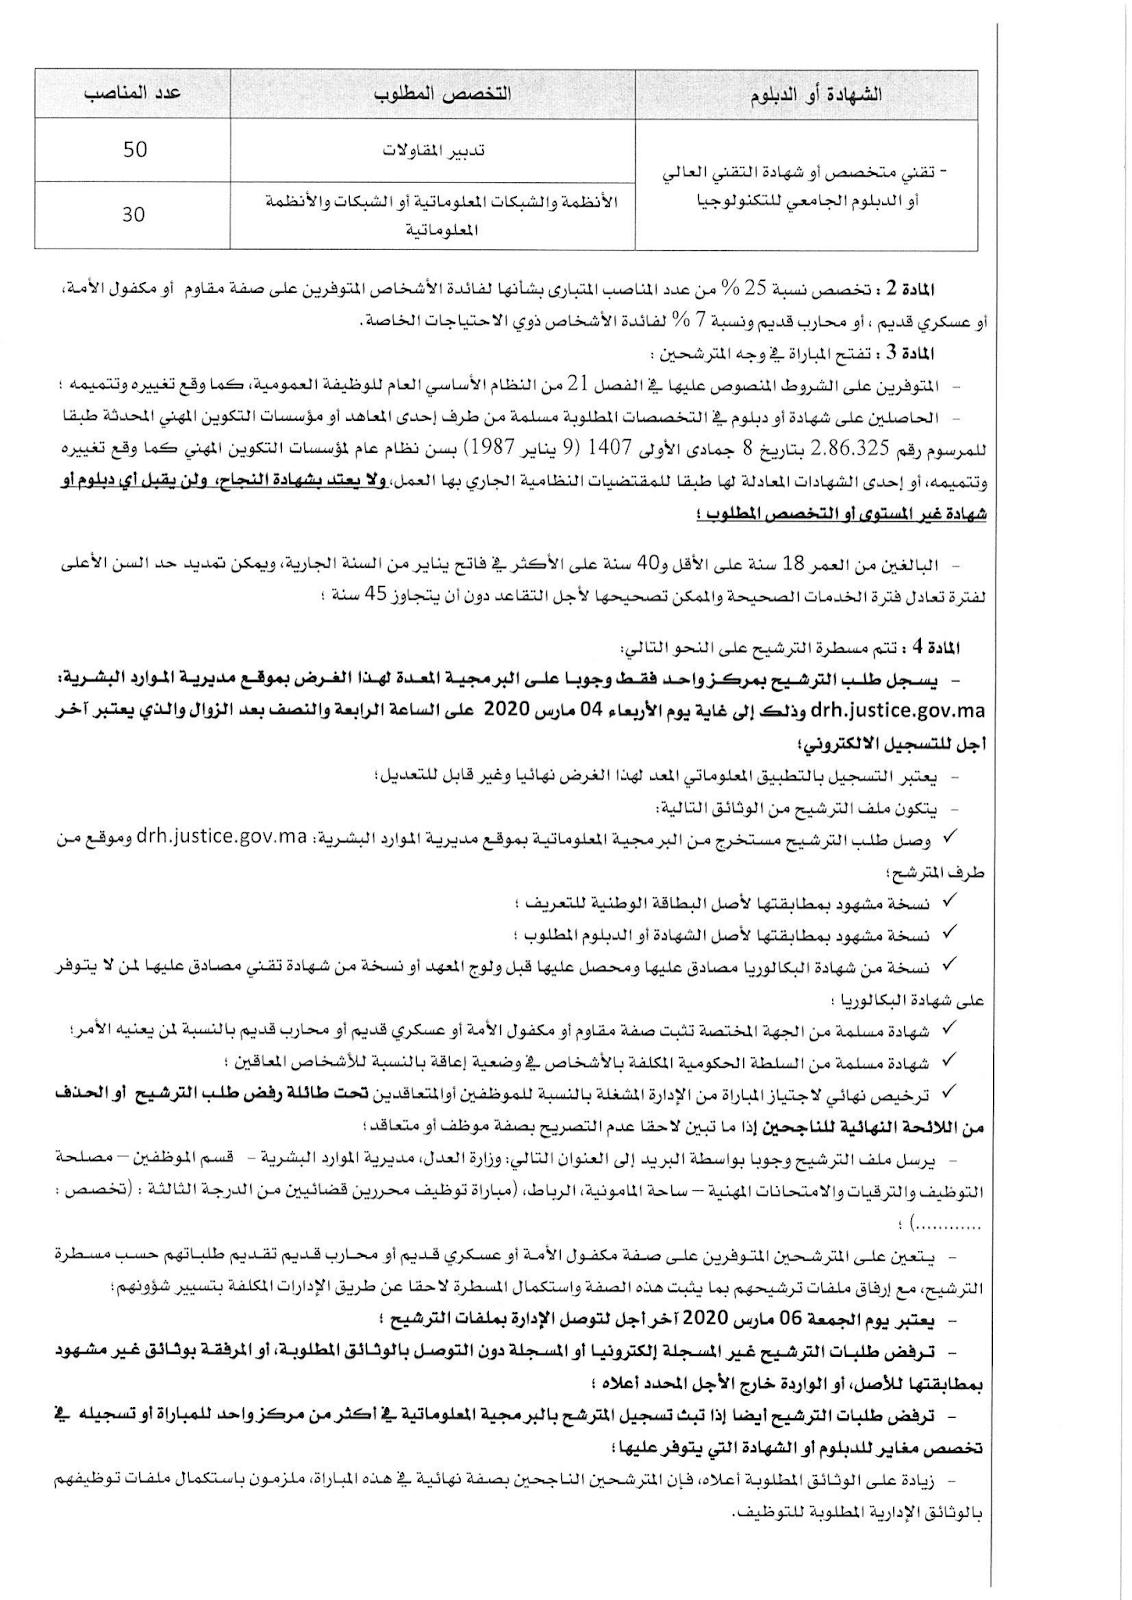 محرر قضائي من الدرجة الثالثة ~ سلم 9